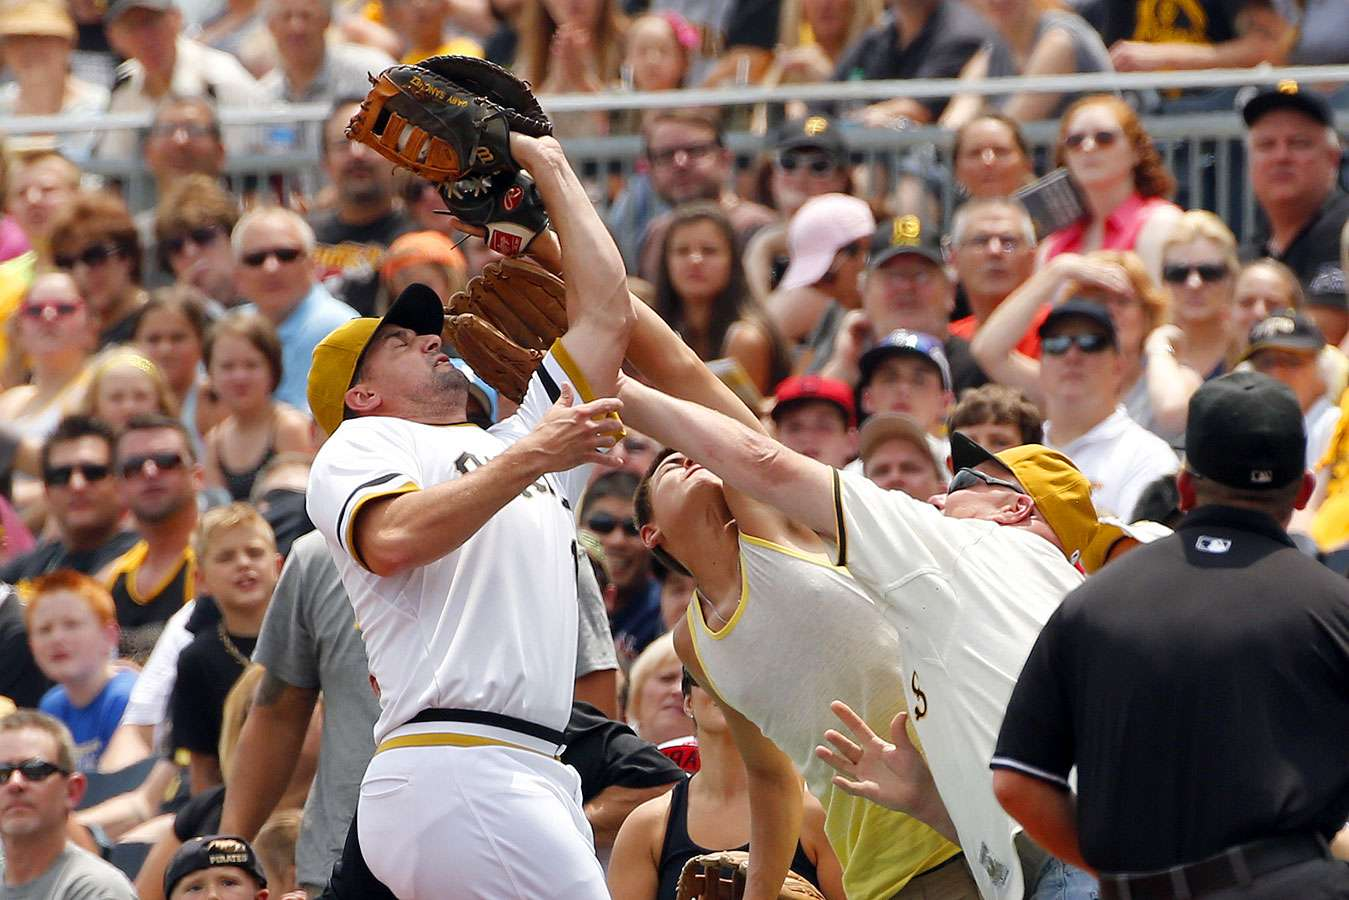 El beisbol de las Grandes Ligas inicia su segunda parte de la temporada regular y los fanáticos disfrutan de las acciones. Foto: AP